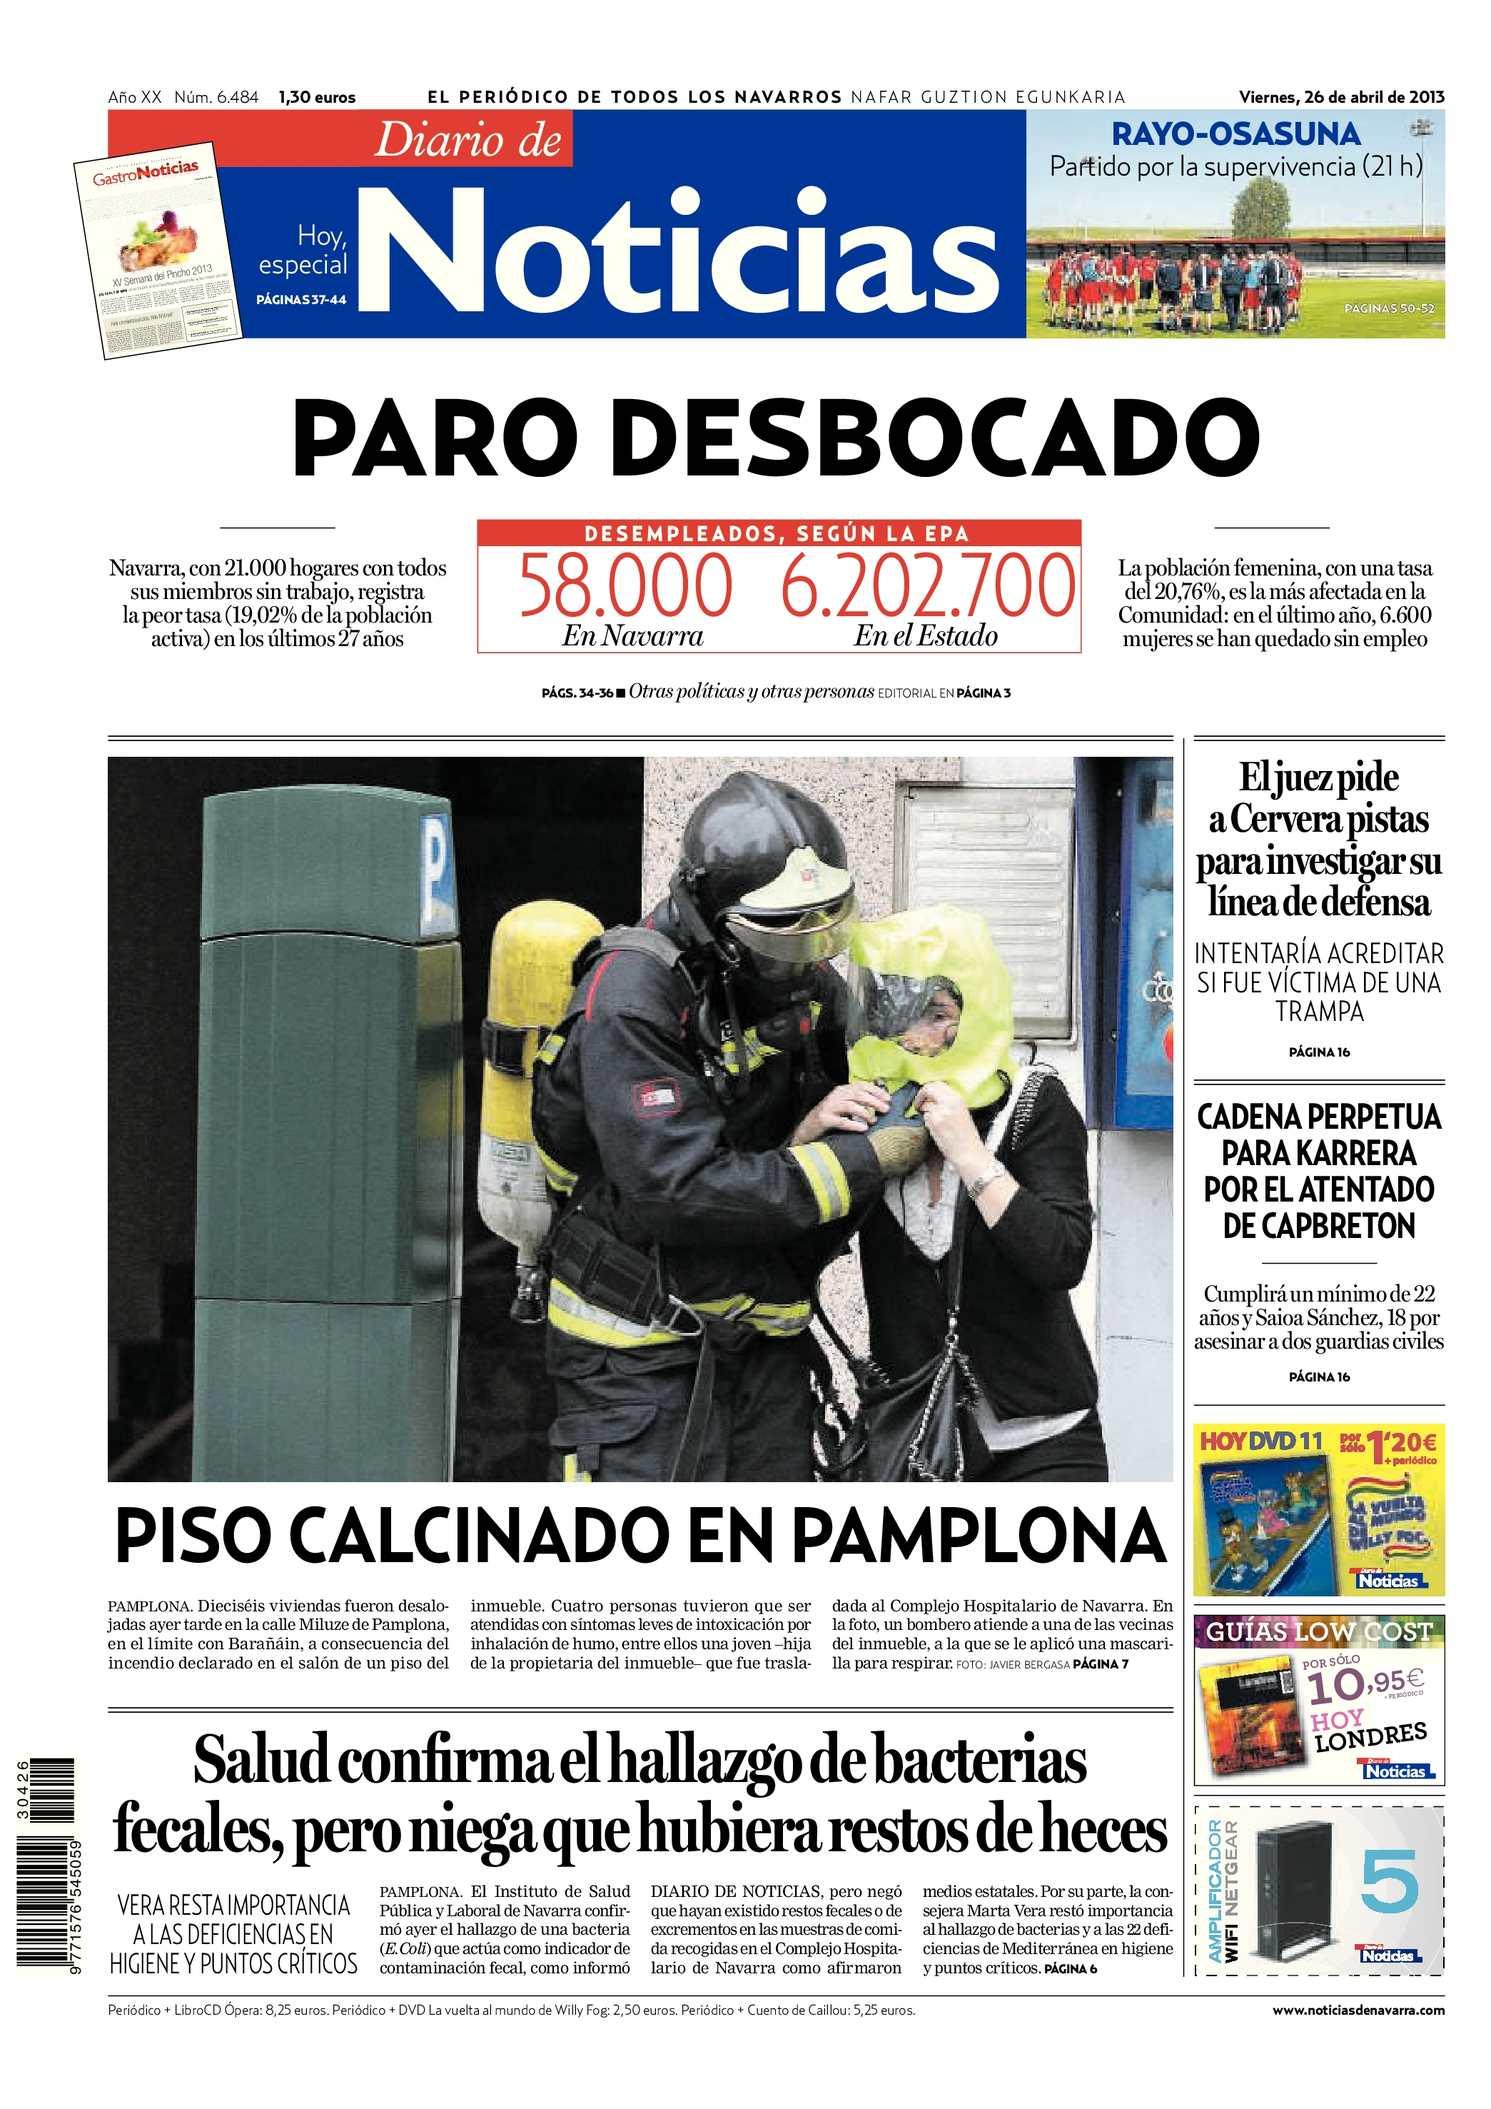 Nos Masturvamos En El Sofa Porno Casero calaméo - diario de noticias 20130426